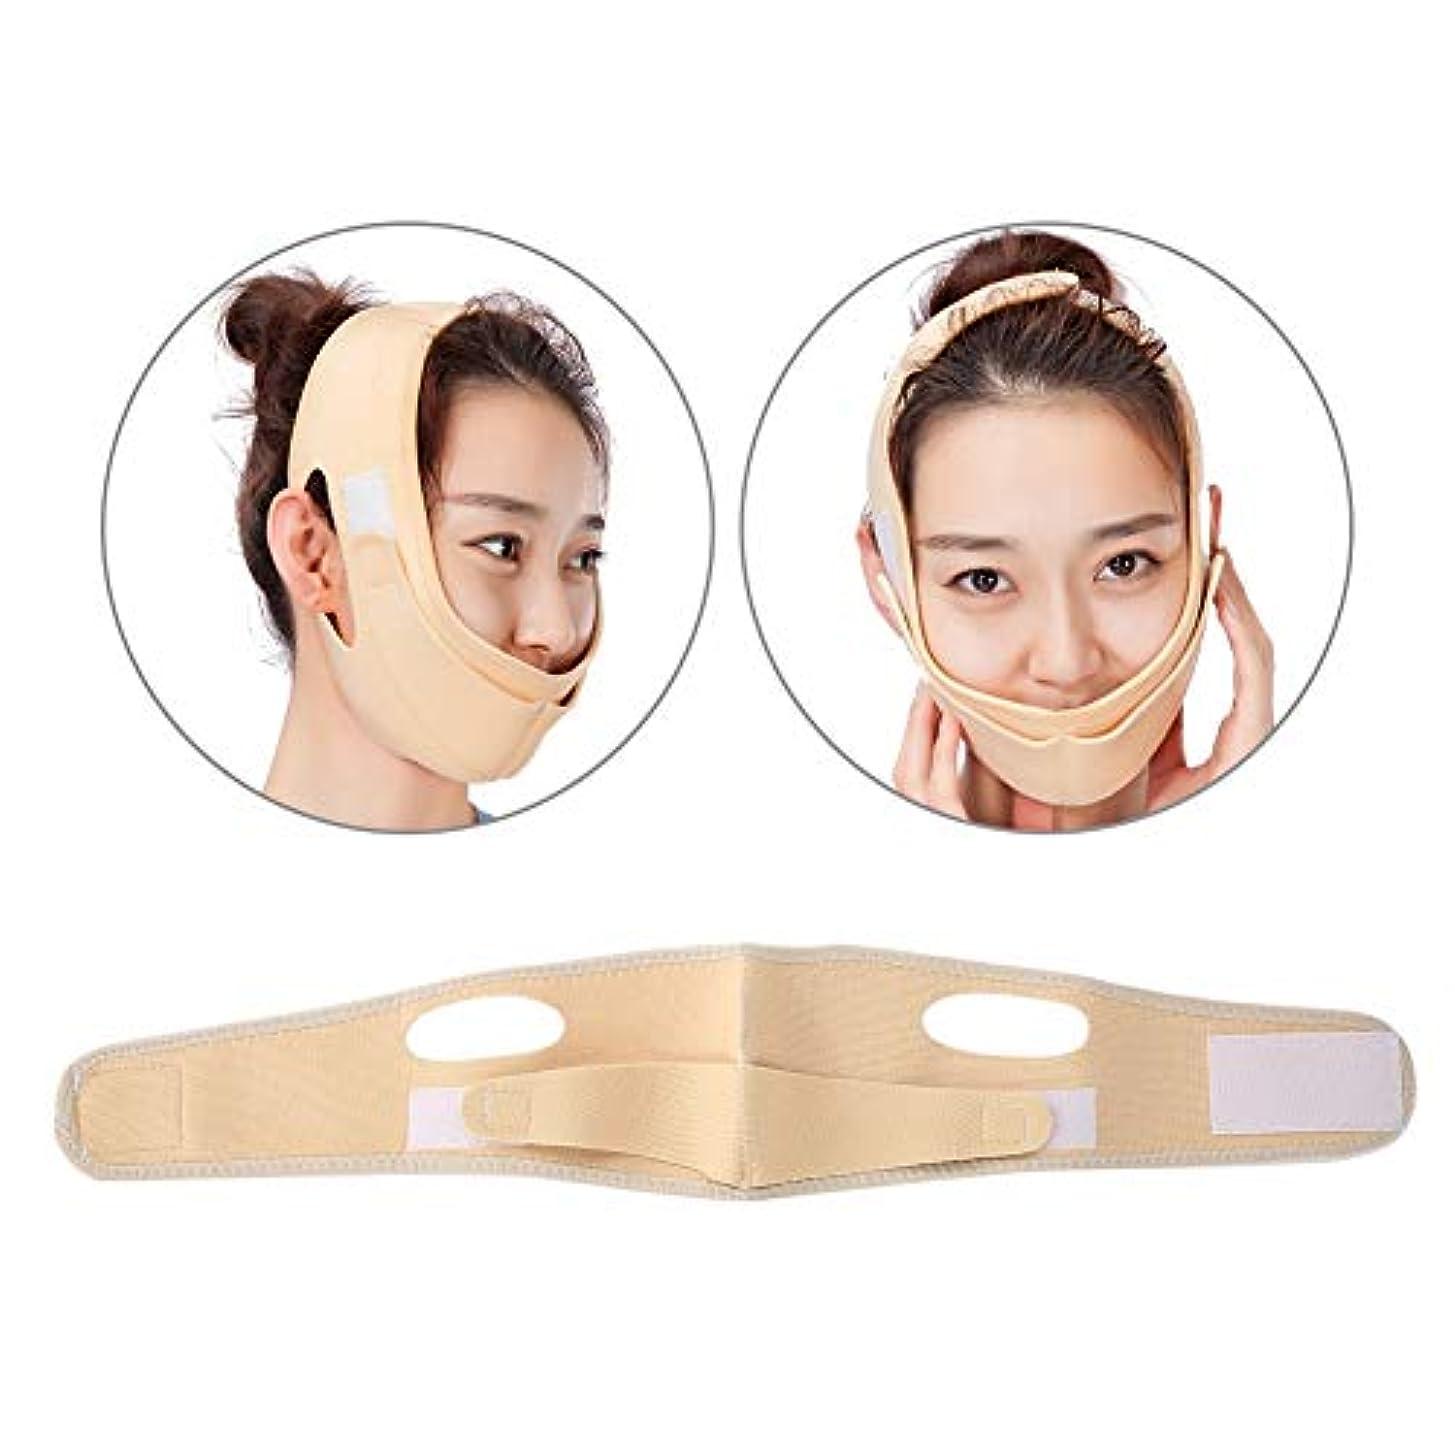 ピンポイント装備する嫌なフェイスリフト用 フェイスマスク 顔輪郭を改善する 美容包帯 通気性/伸縮性/変形不可(01)